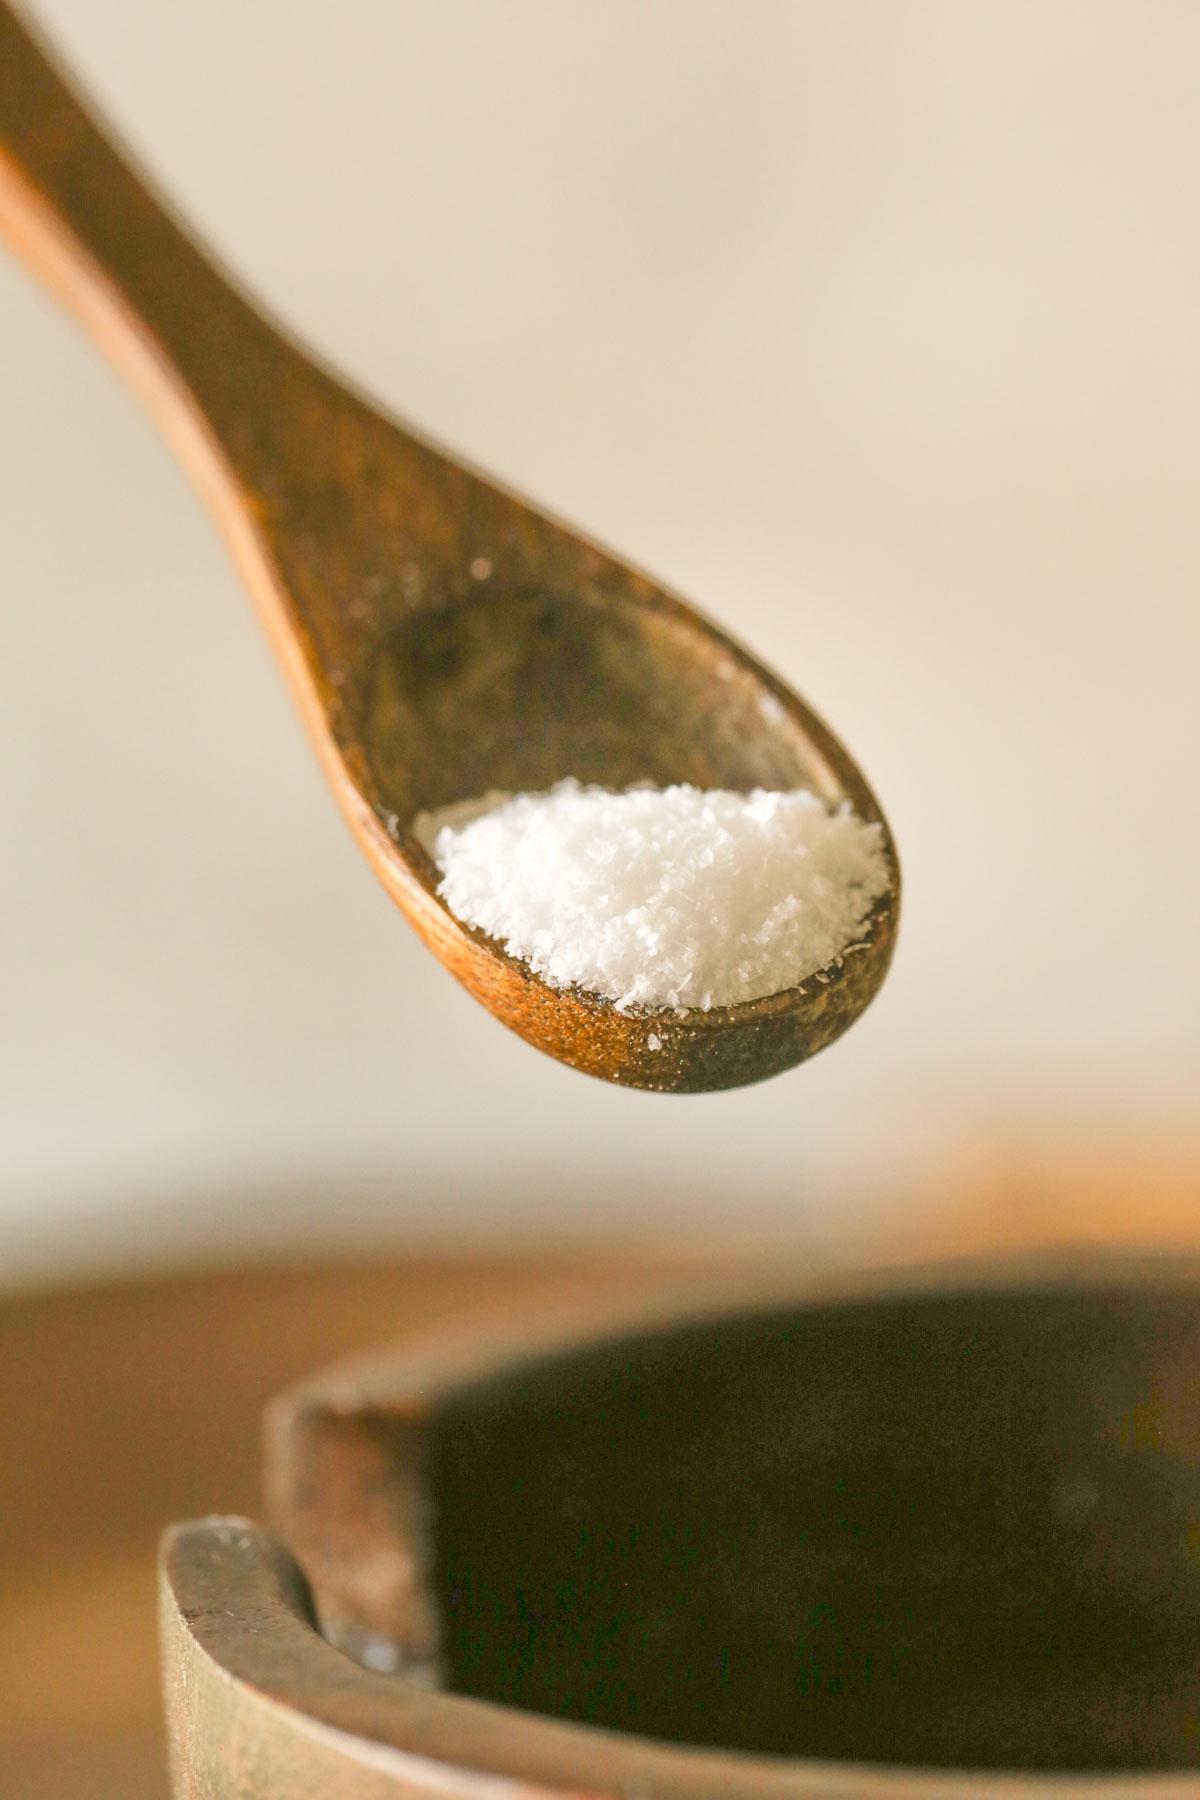 Close up shot of a wooden teaspoon of salt.